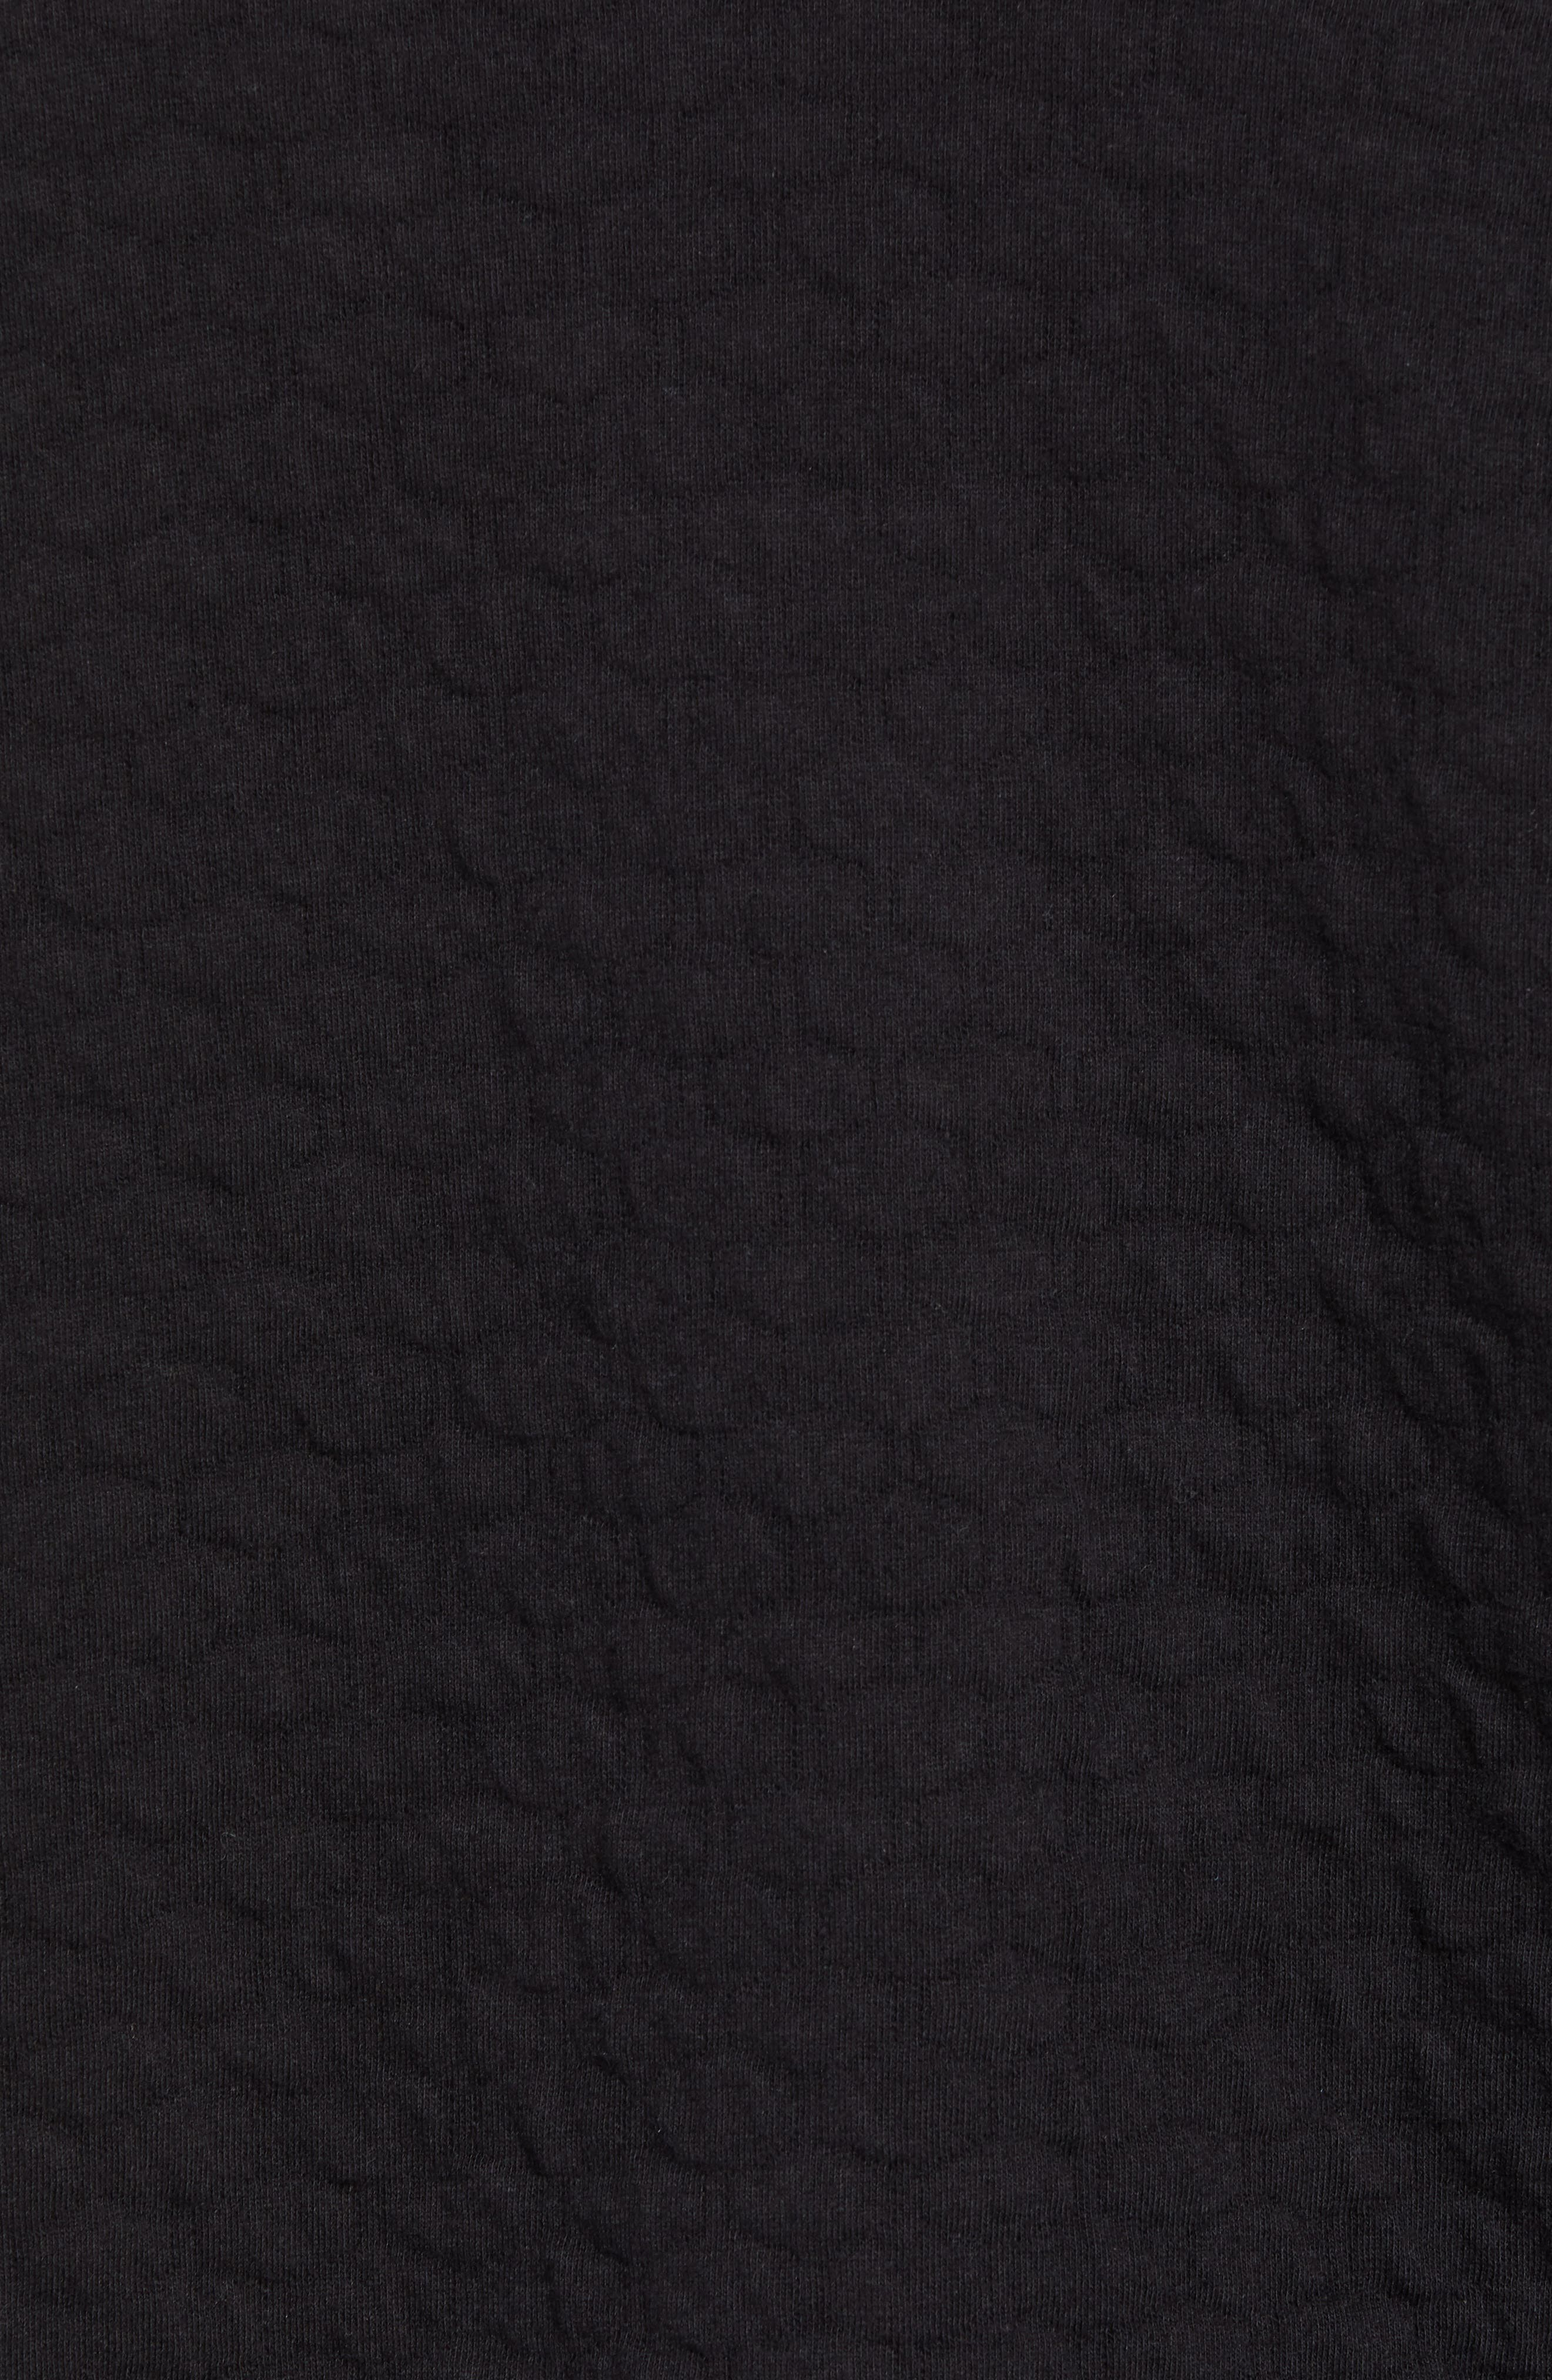 Quilt Trip Jacket,                             Alternate thumbnail 6, color,                             001